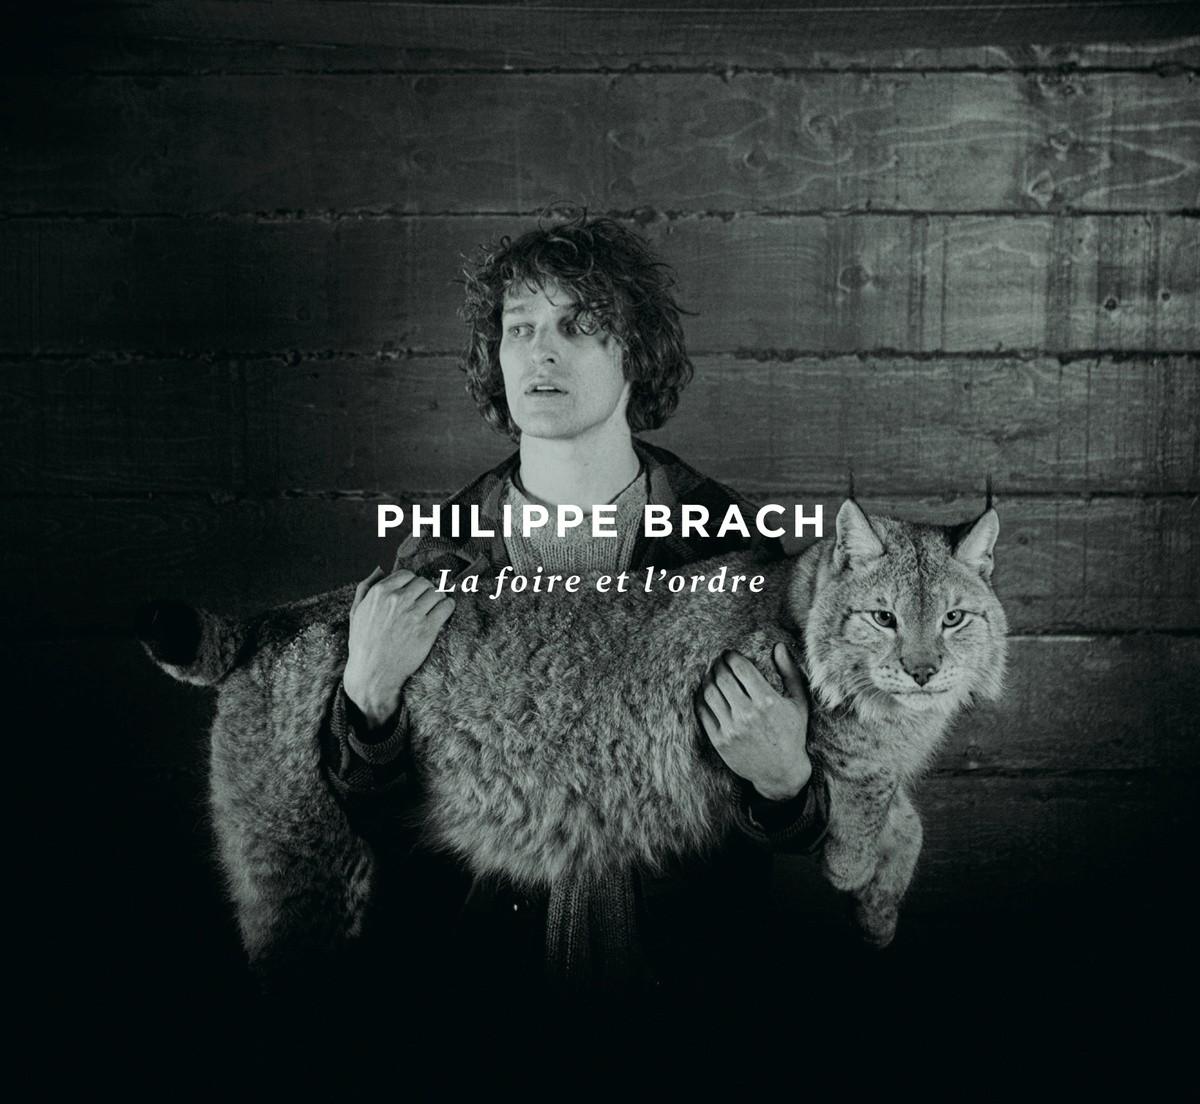 Philippe-Brach-La-foire-et-lordre-1200x1104.jpg